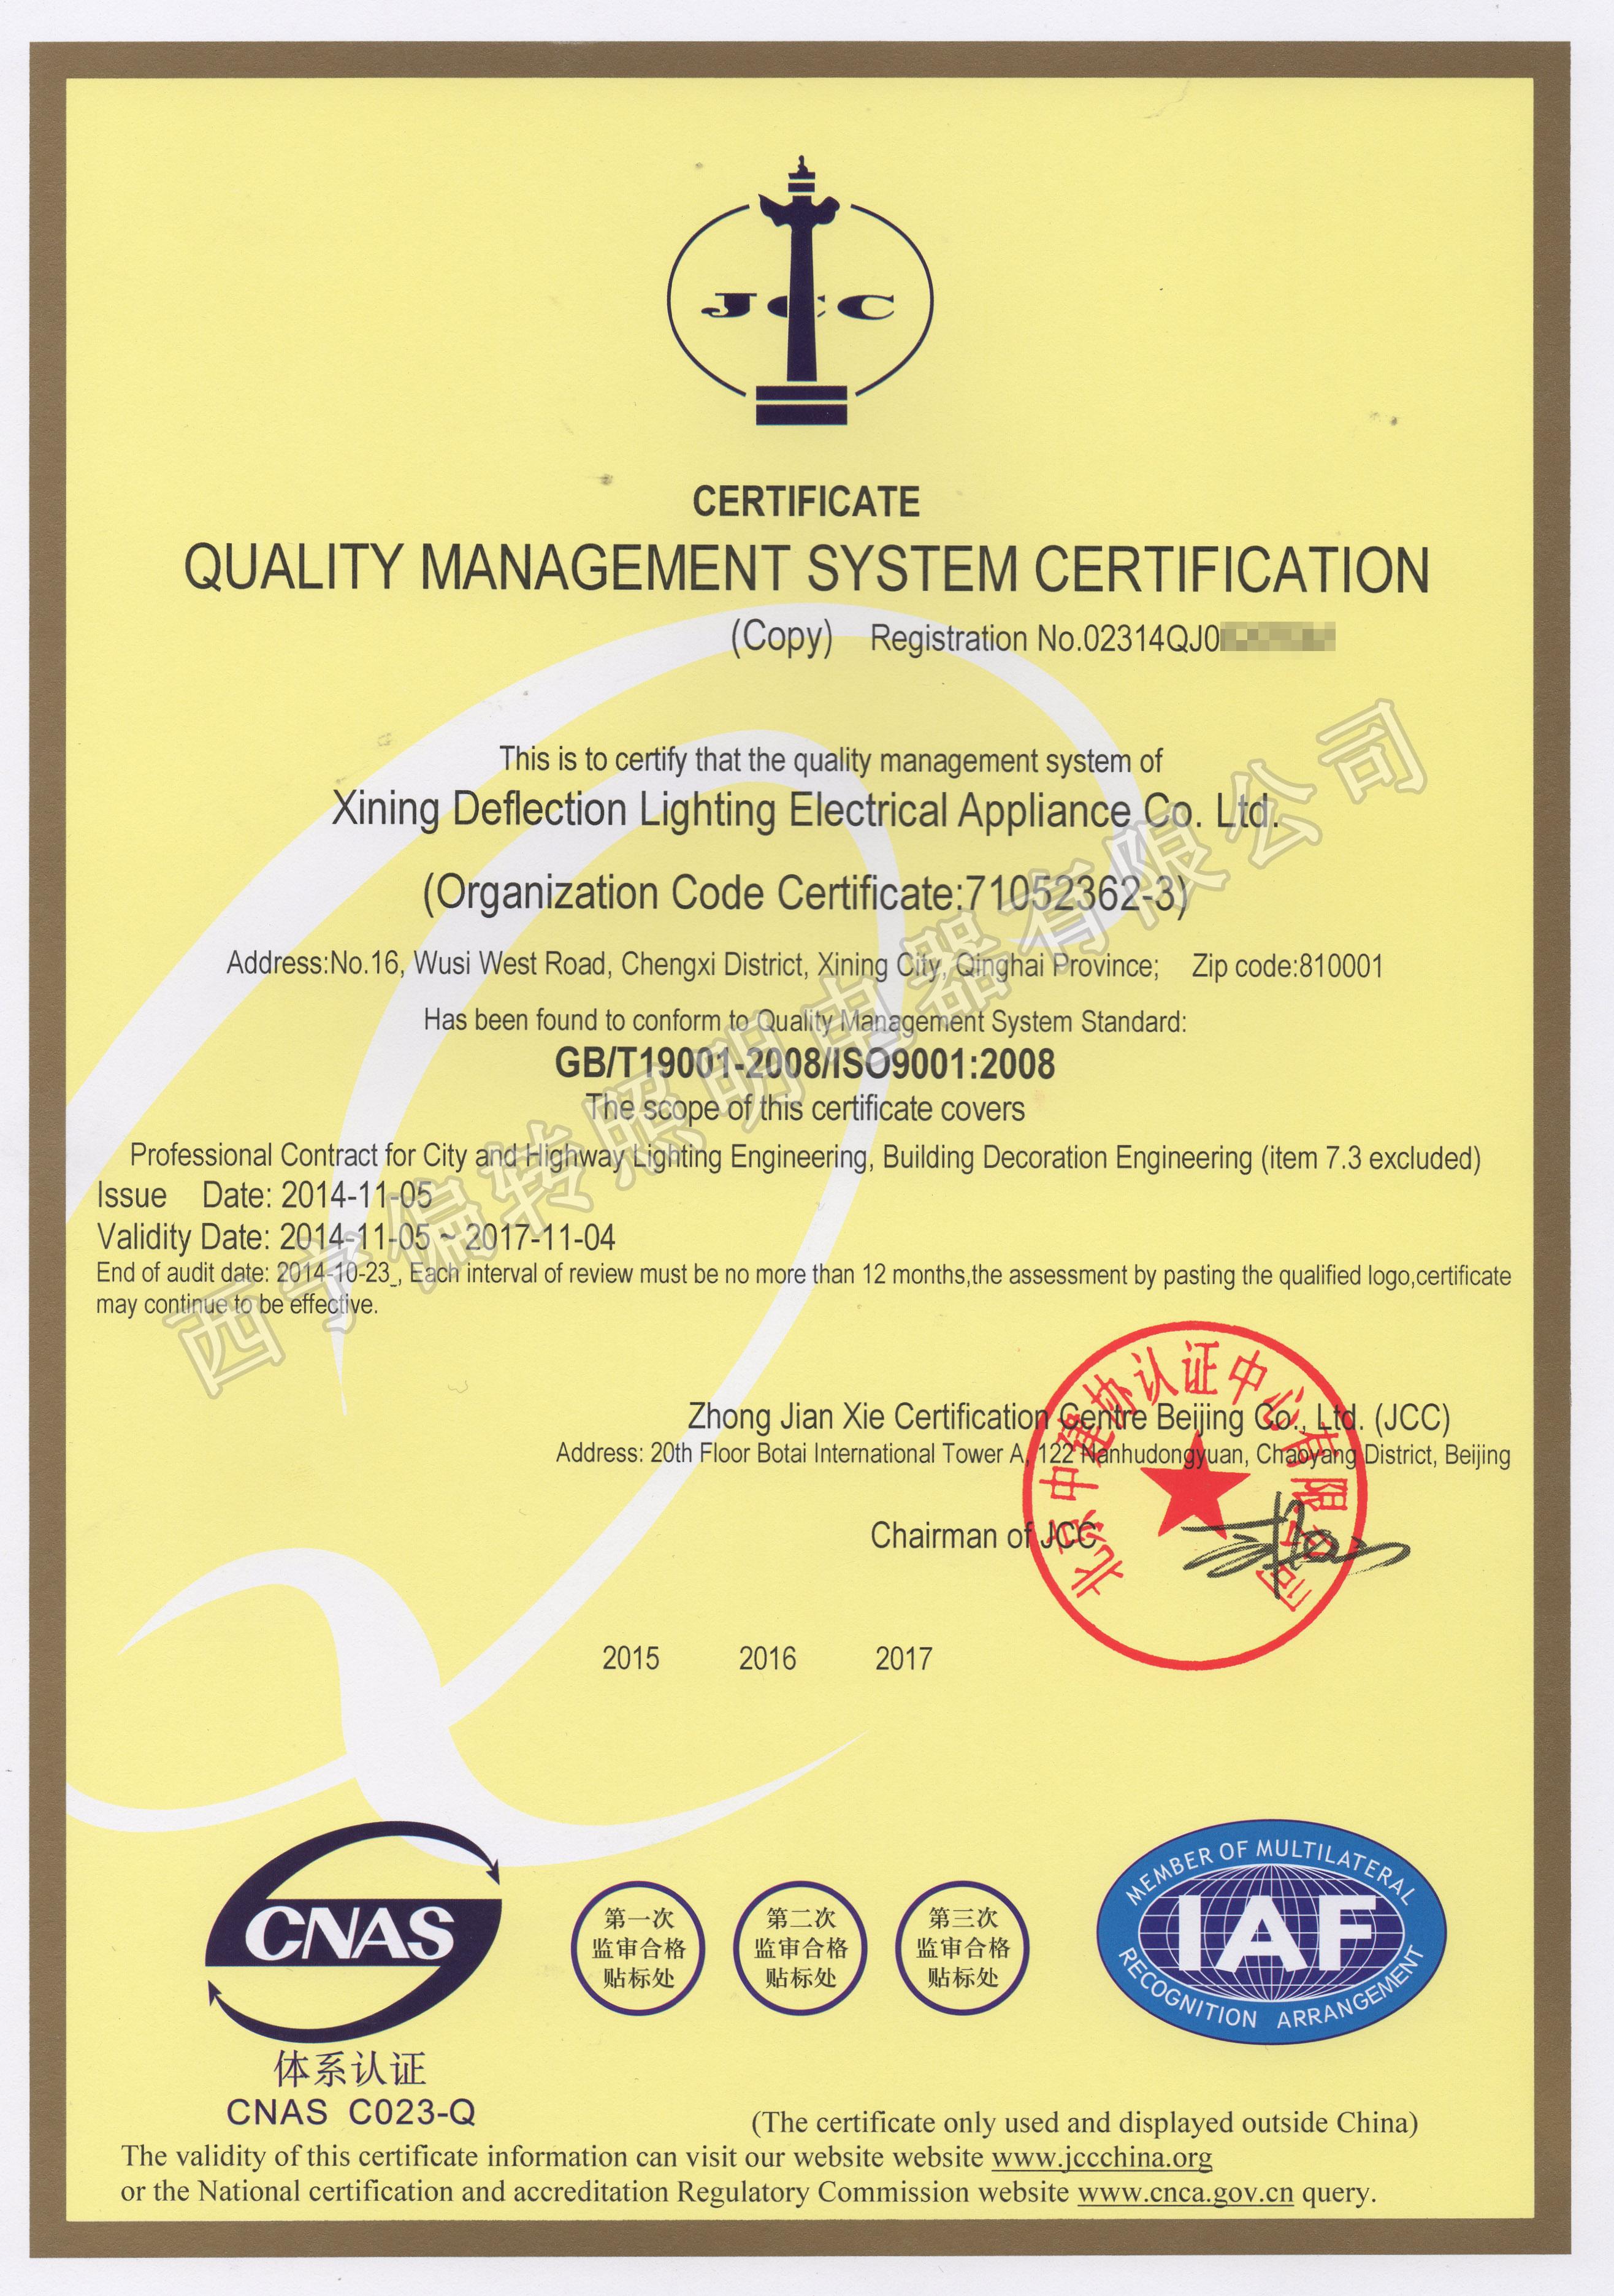 质量管理体系认证证书英文.jpg